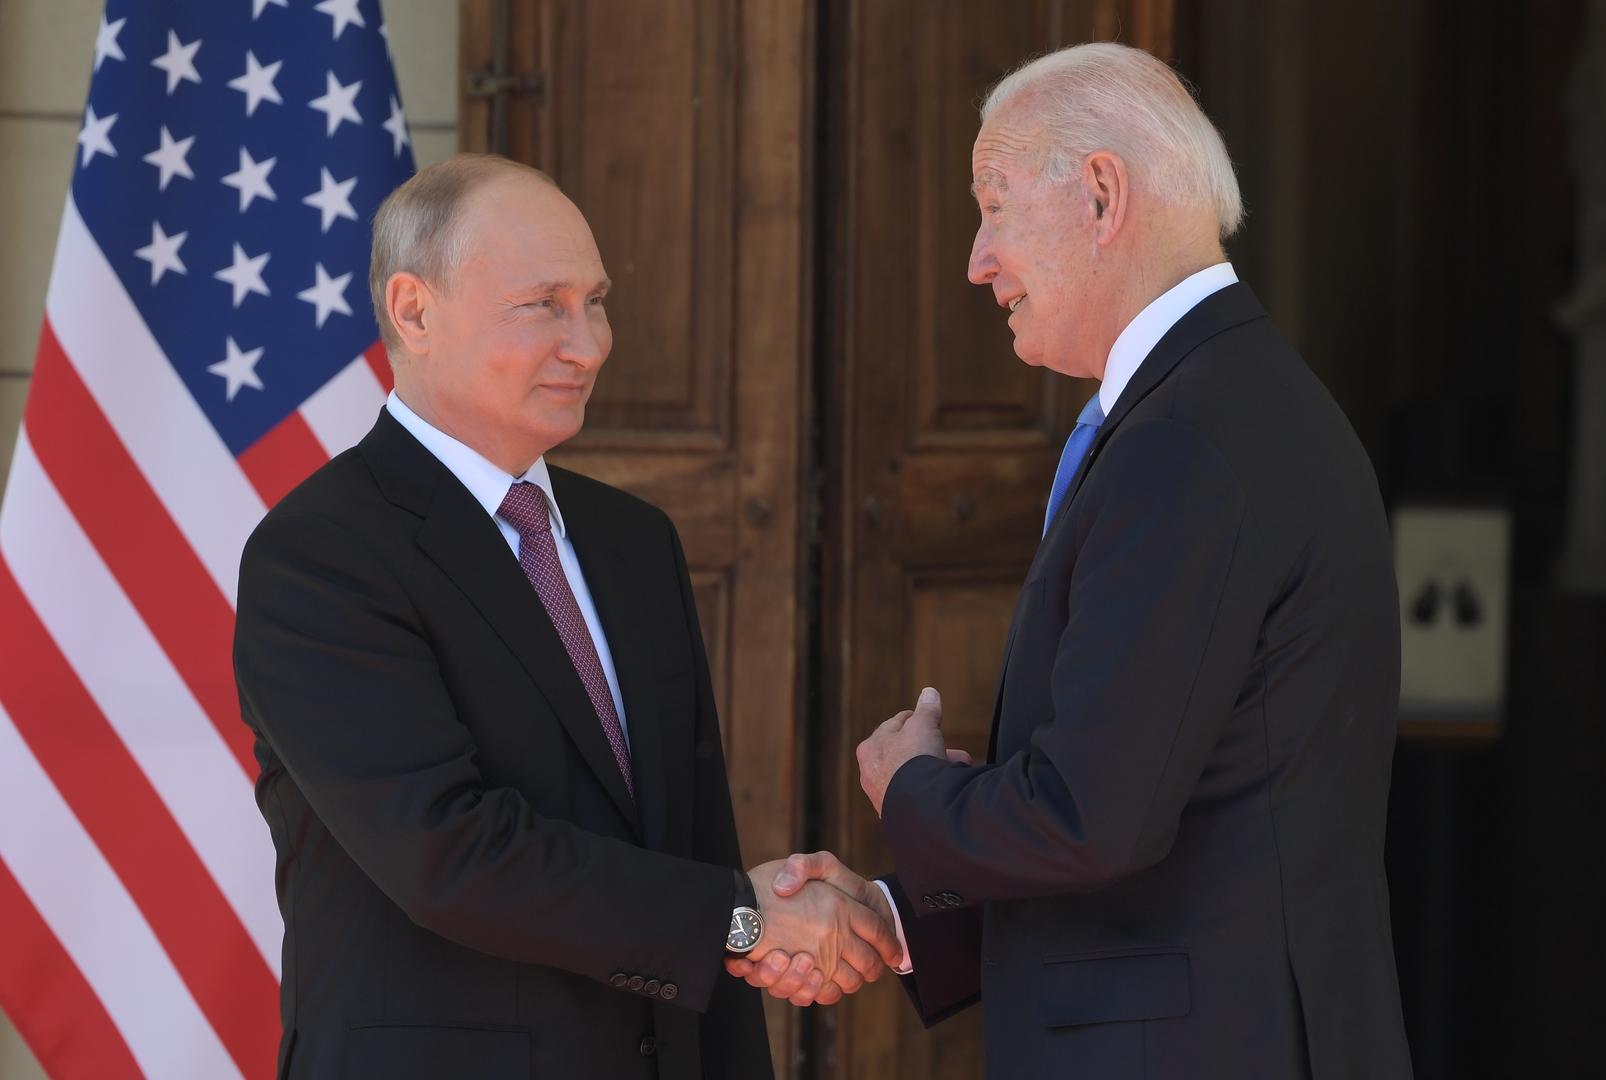 الكرملين يرجح إمكانية عقد لقاء جديد بين بوتين وبايدن قبل نهاية العام